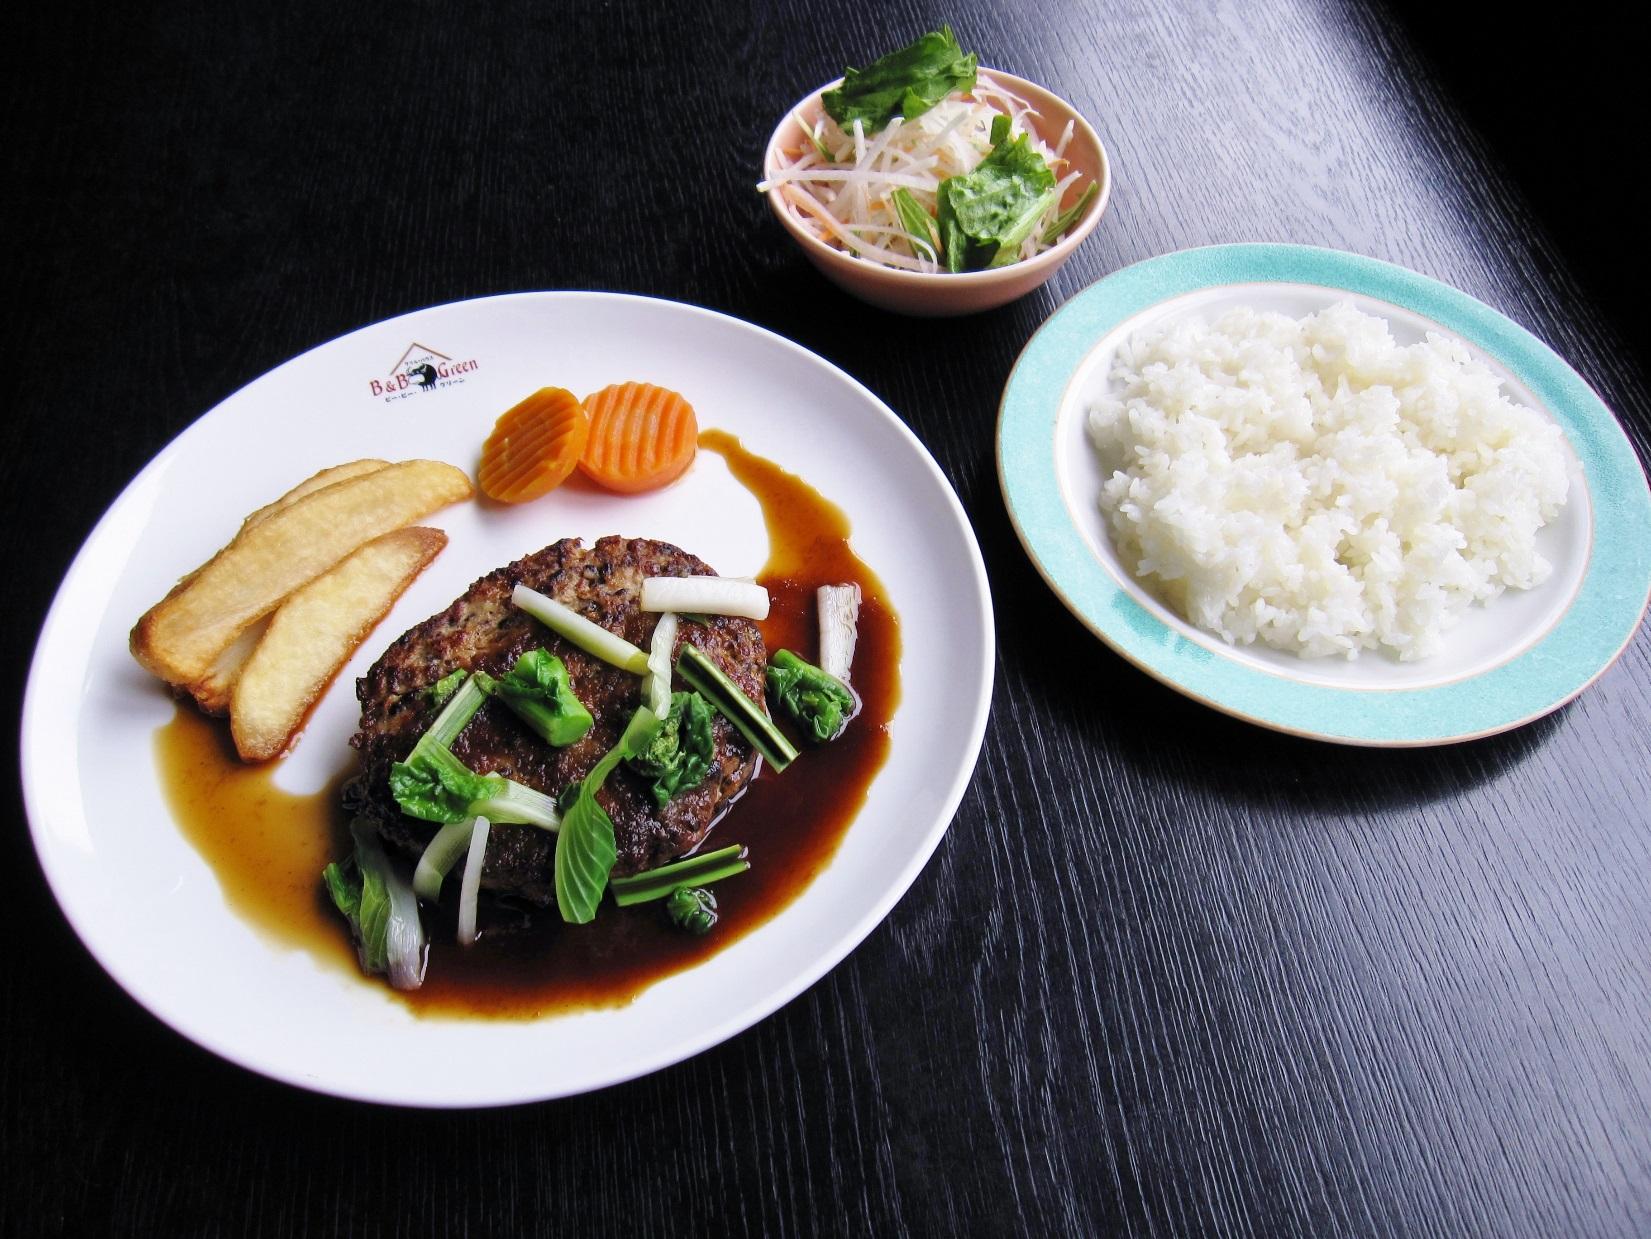 【道の駅 たかはた】縄文時代の食が蘇る「縄文ハンバーグ」